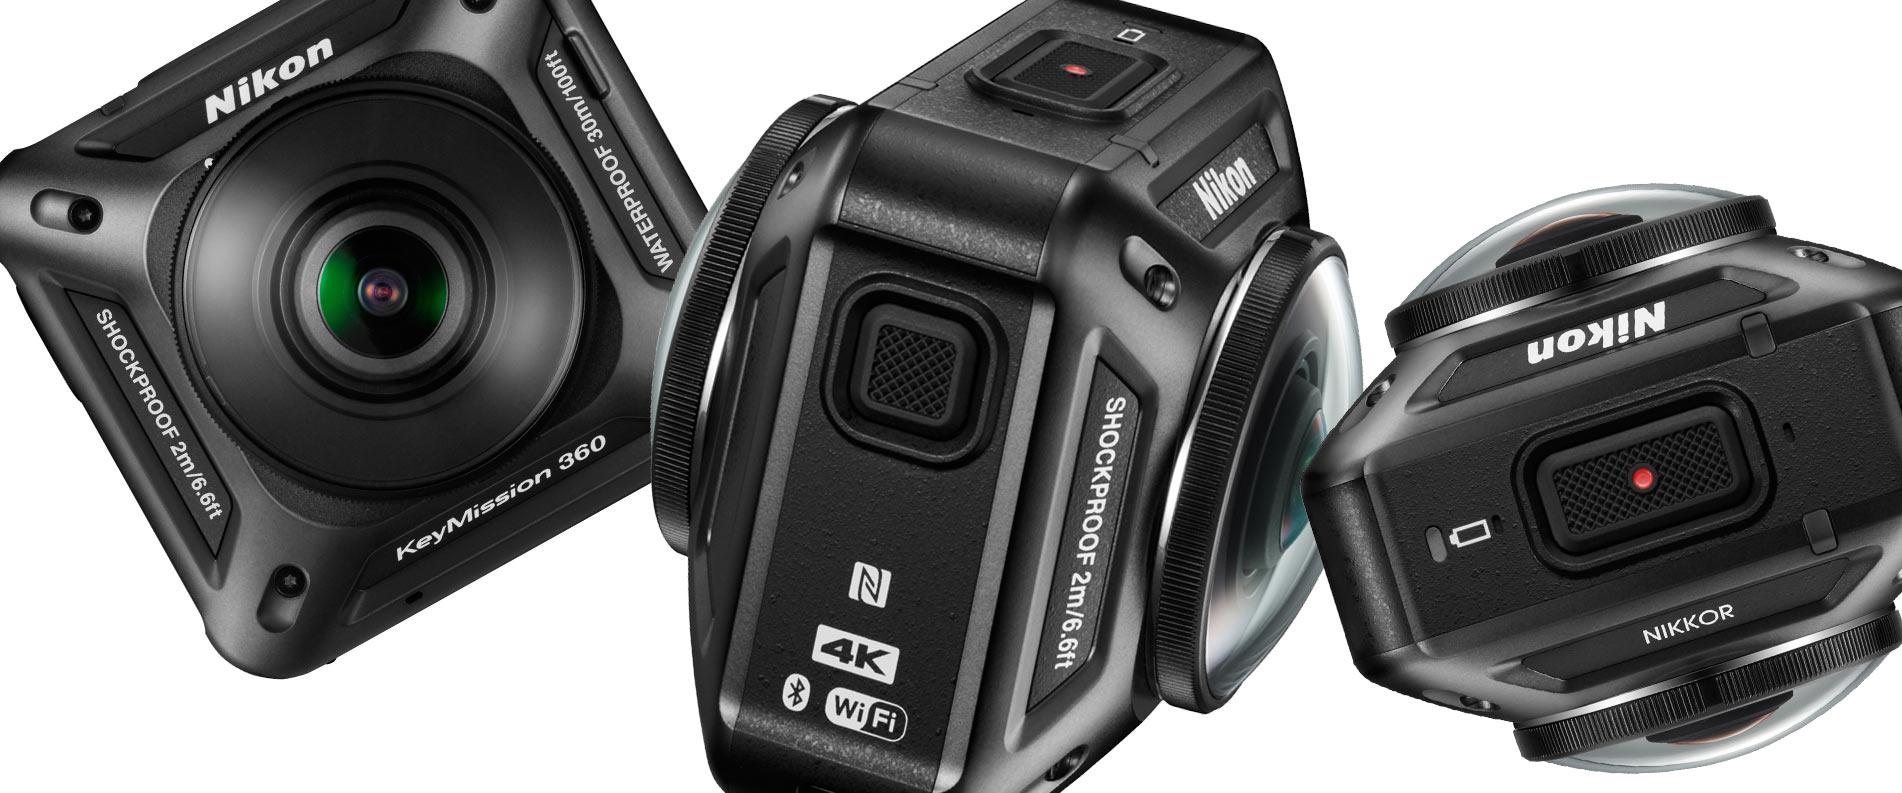 la nuova telecamera è un cubettino nero tutto obbiettivo